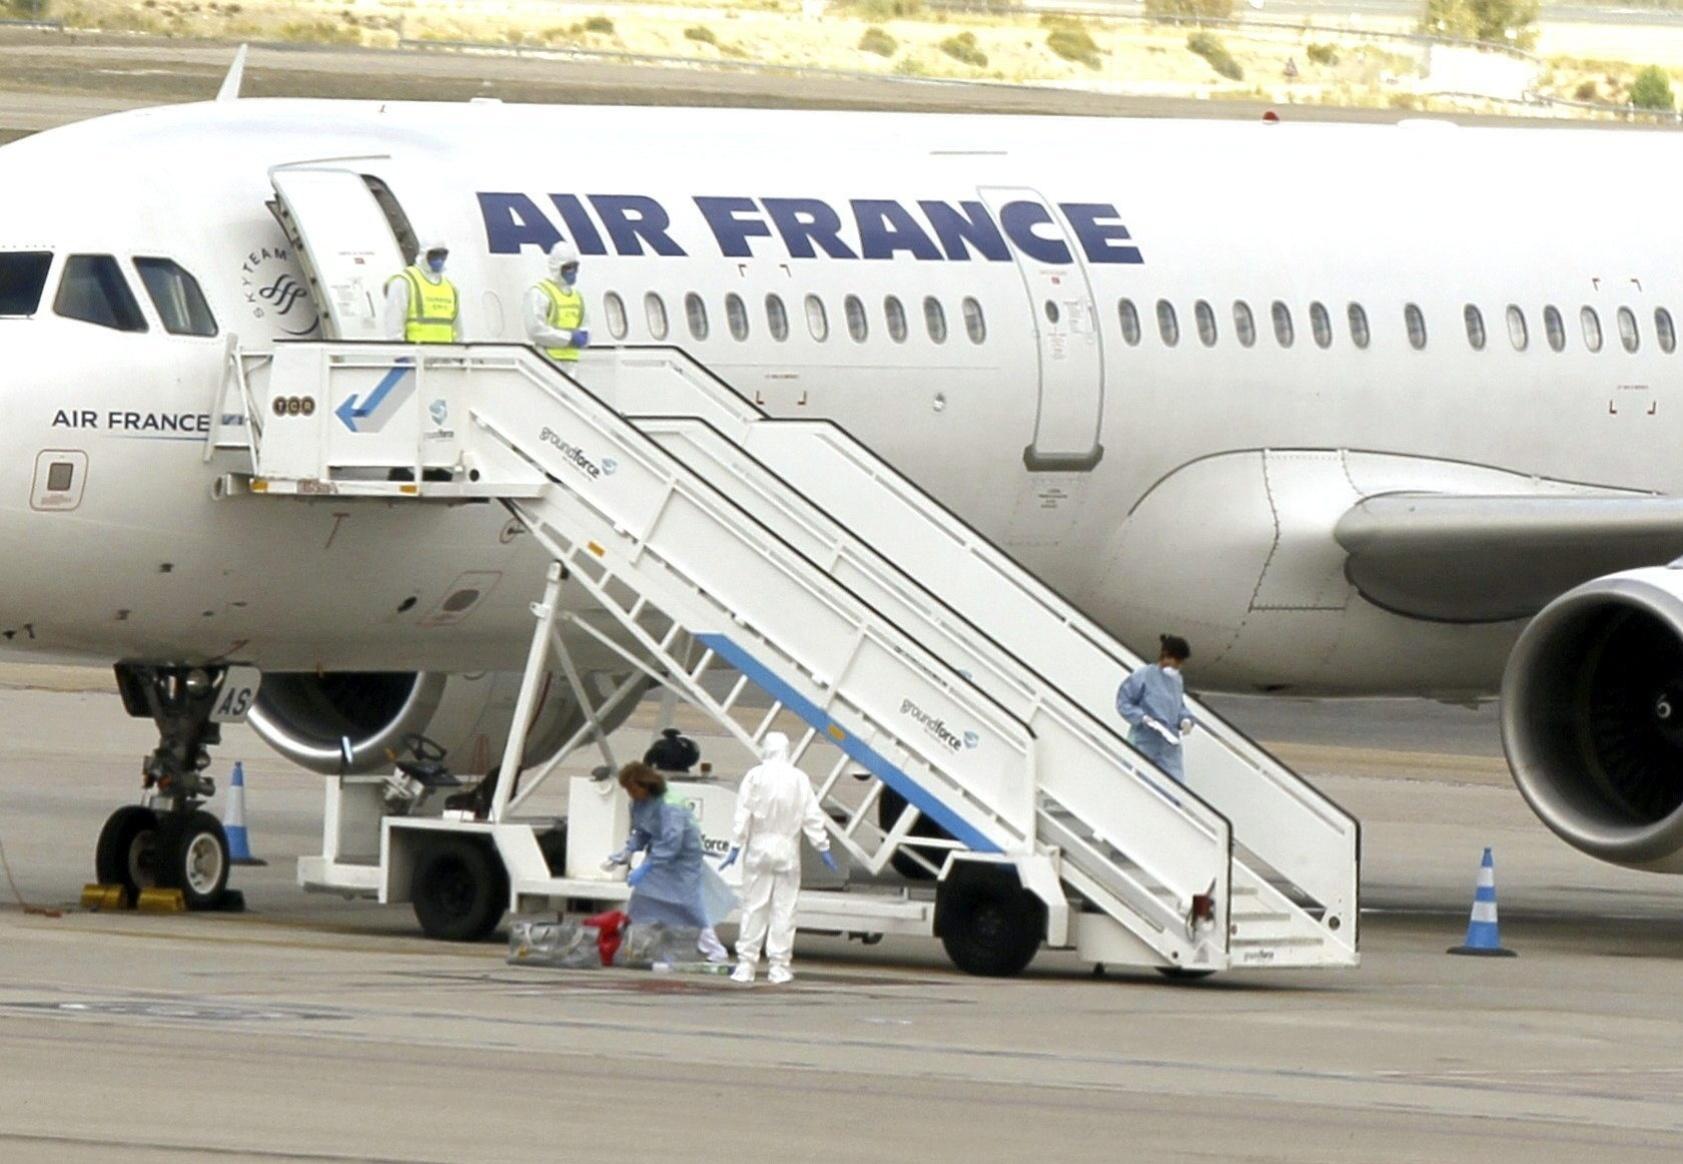 16.out.2014 - O aeroporto internacional de Barajas, em Madri, ativou nesta quinta-feira um protocolo de emergência devido a um caso suspeito de ebola relacionado a uma pessoa em um voo da Air France